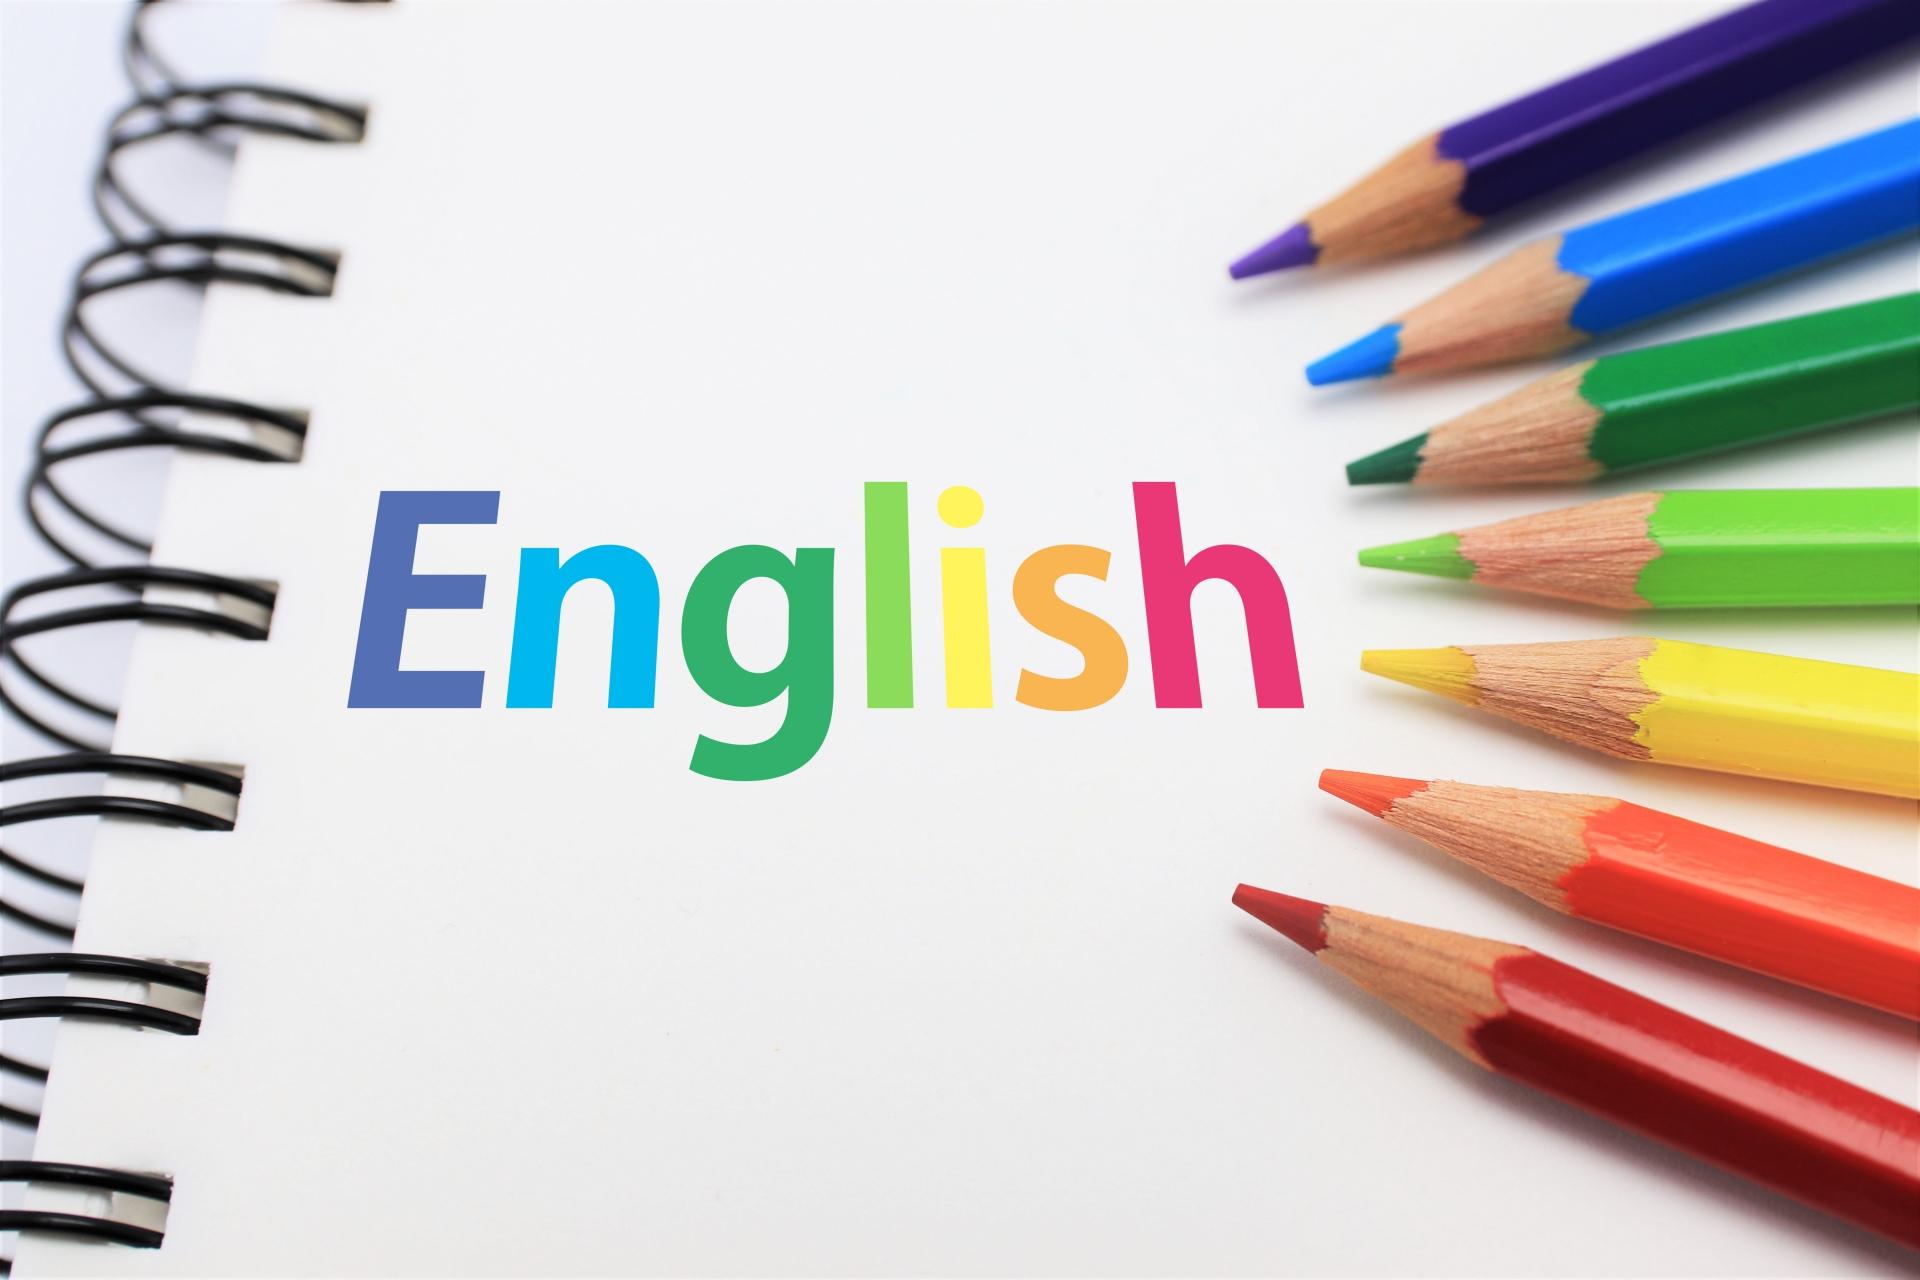 3S(5S)活動は英語でも3S(5S)である理由とは?日本語比較で深める理解